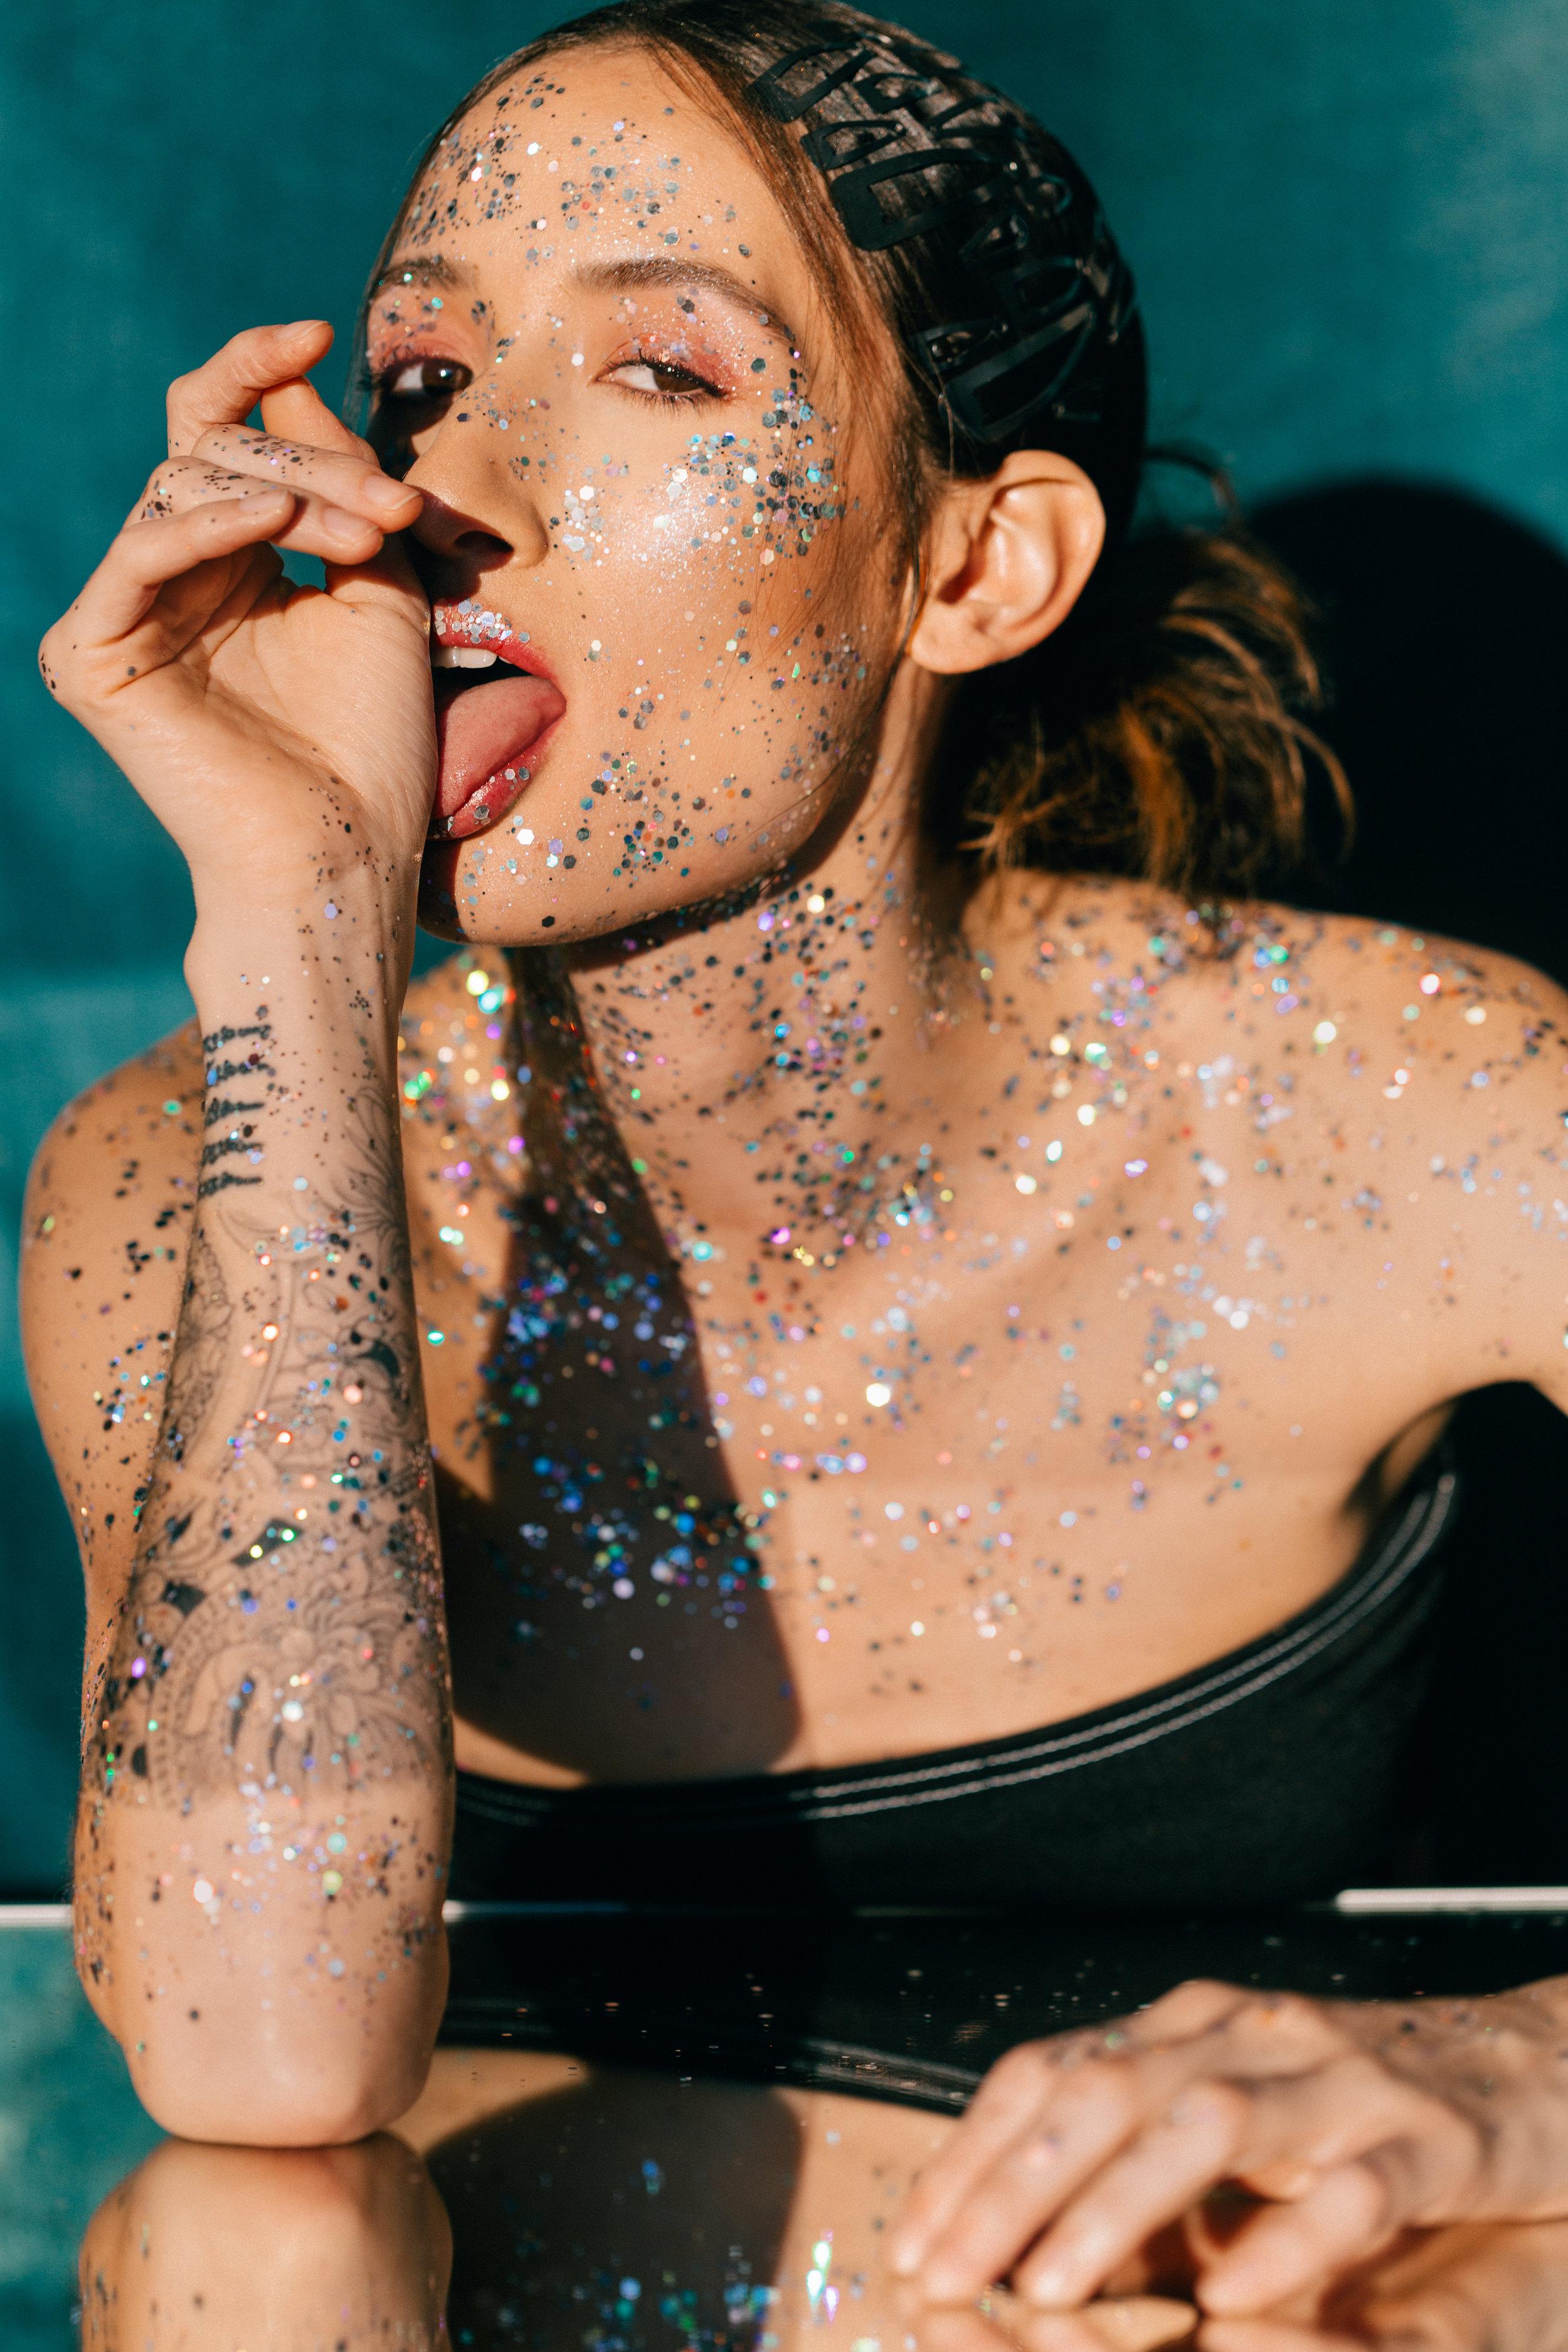 alex-lylouttestudio-edito-032019-10.JPG